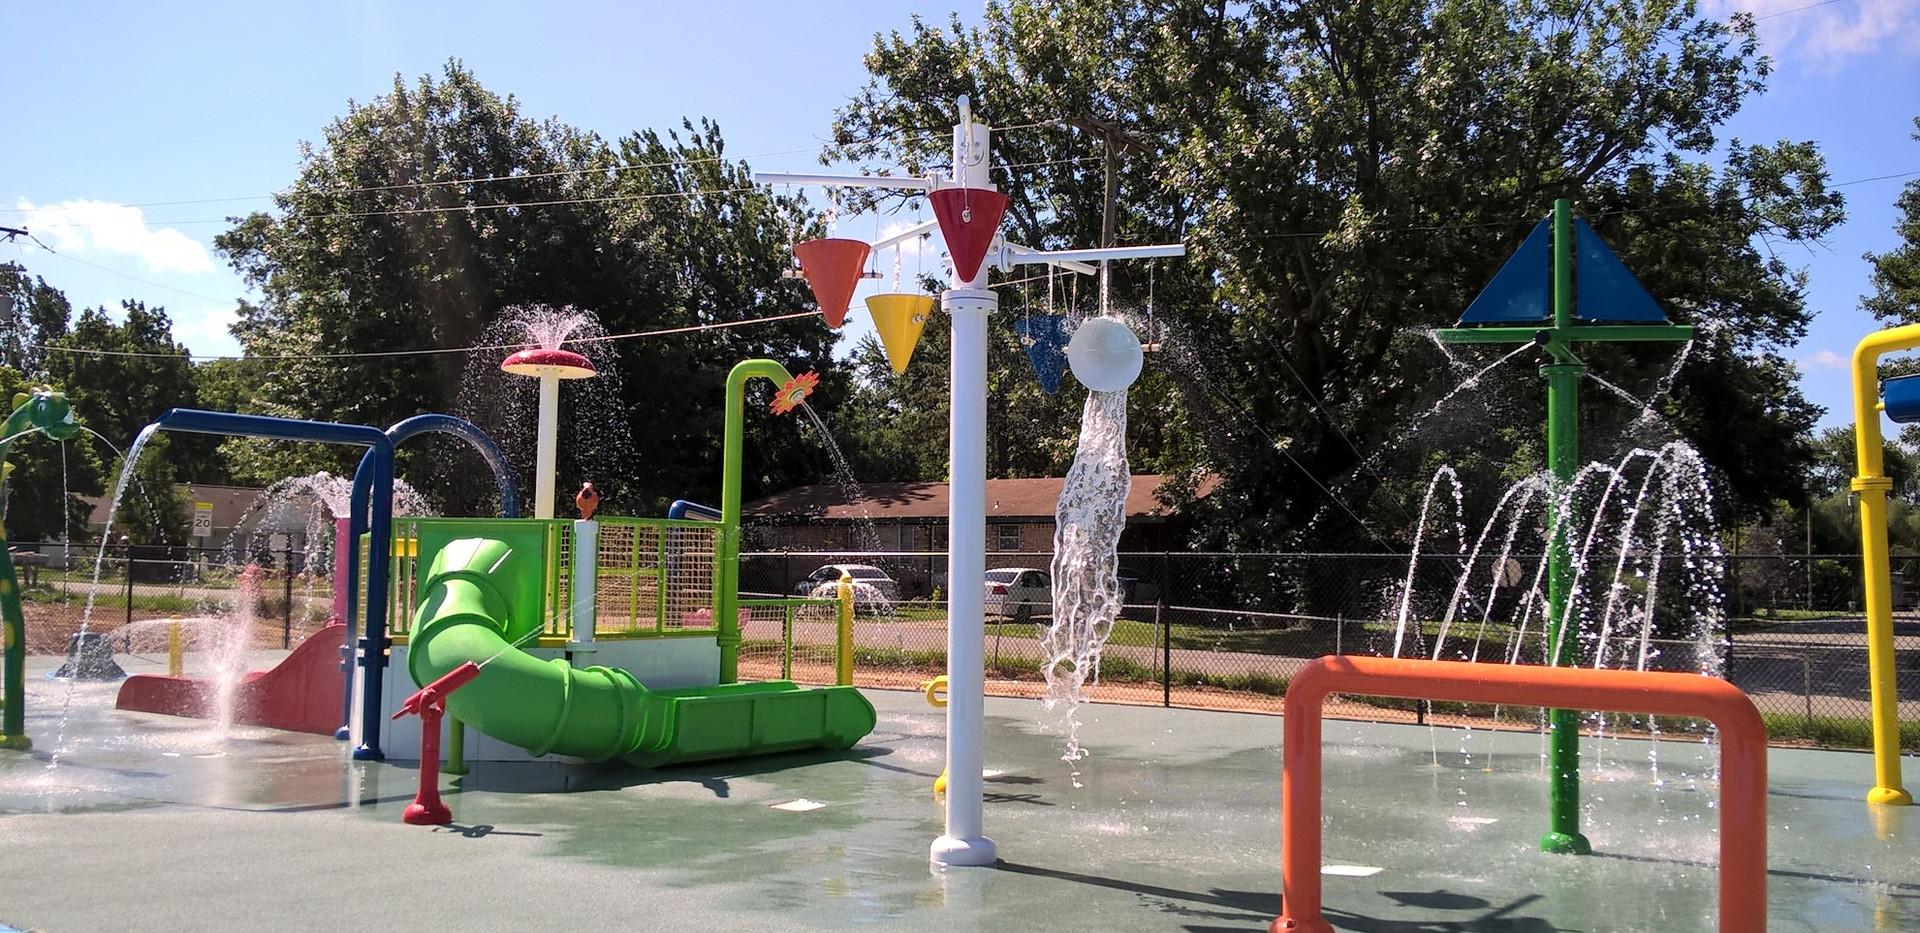 Gravette Splash Park